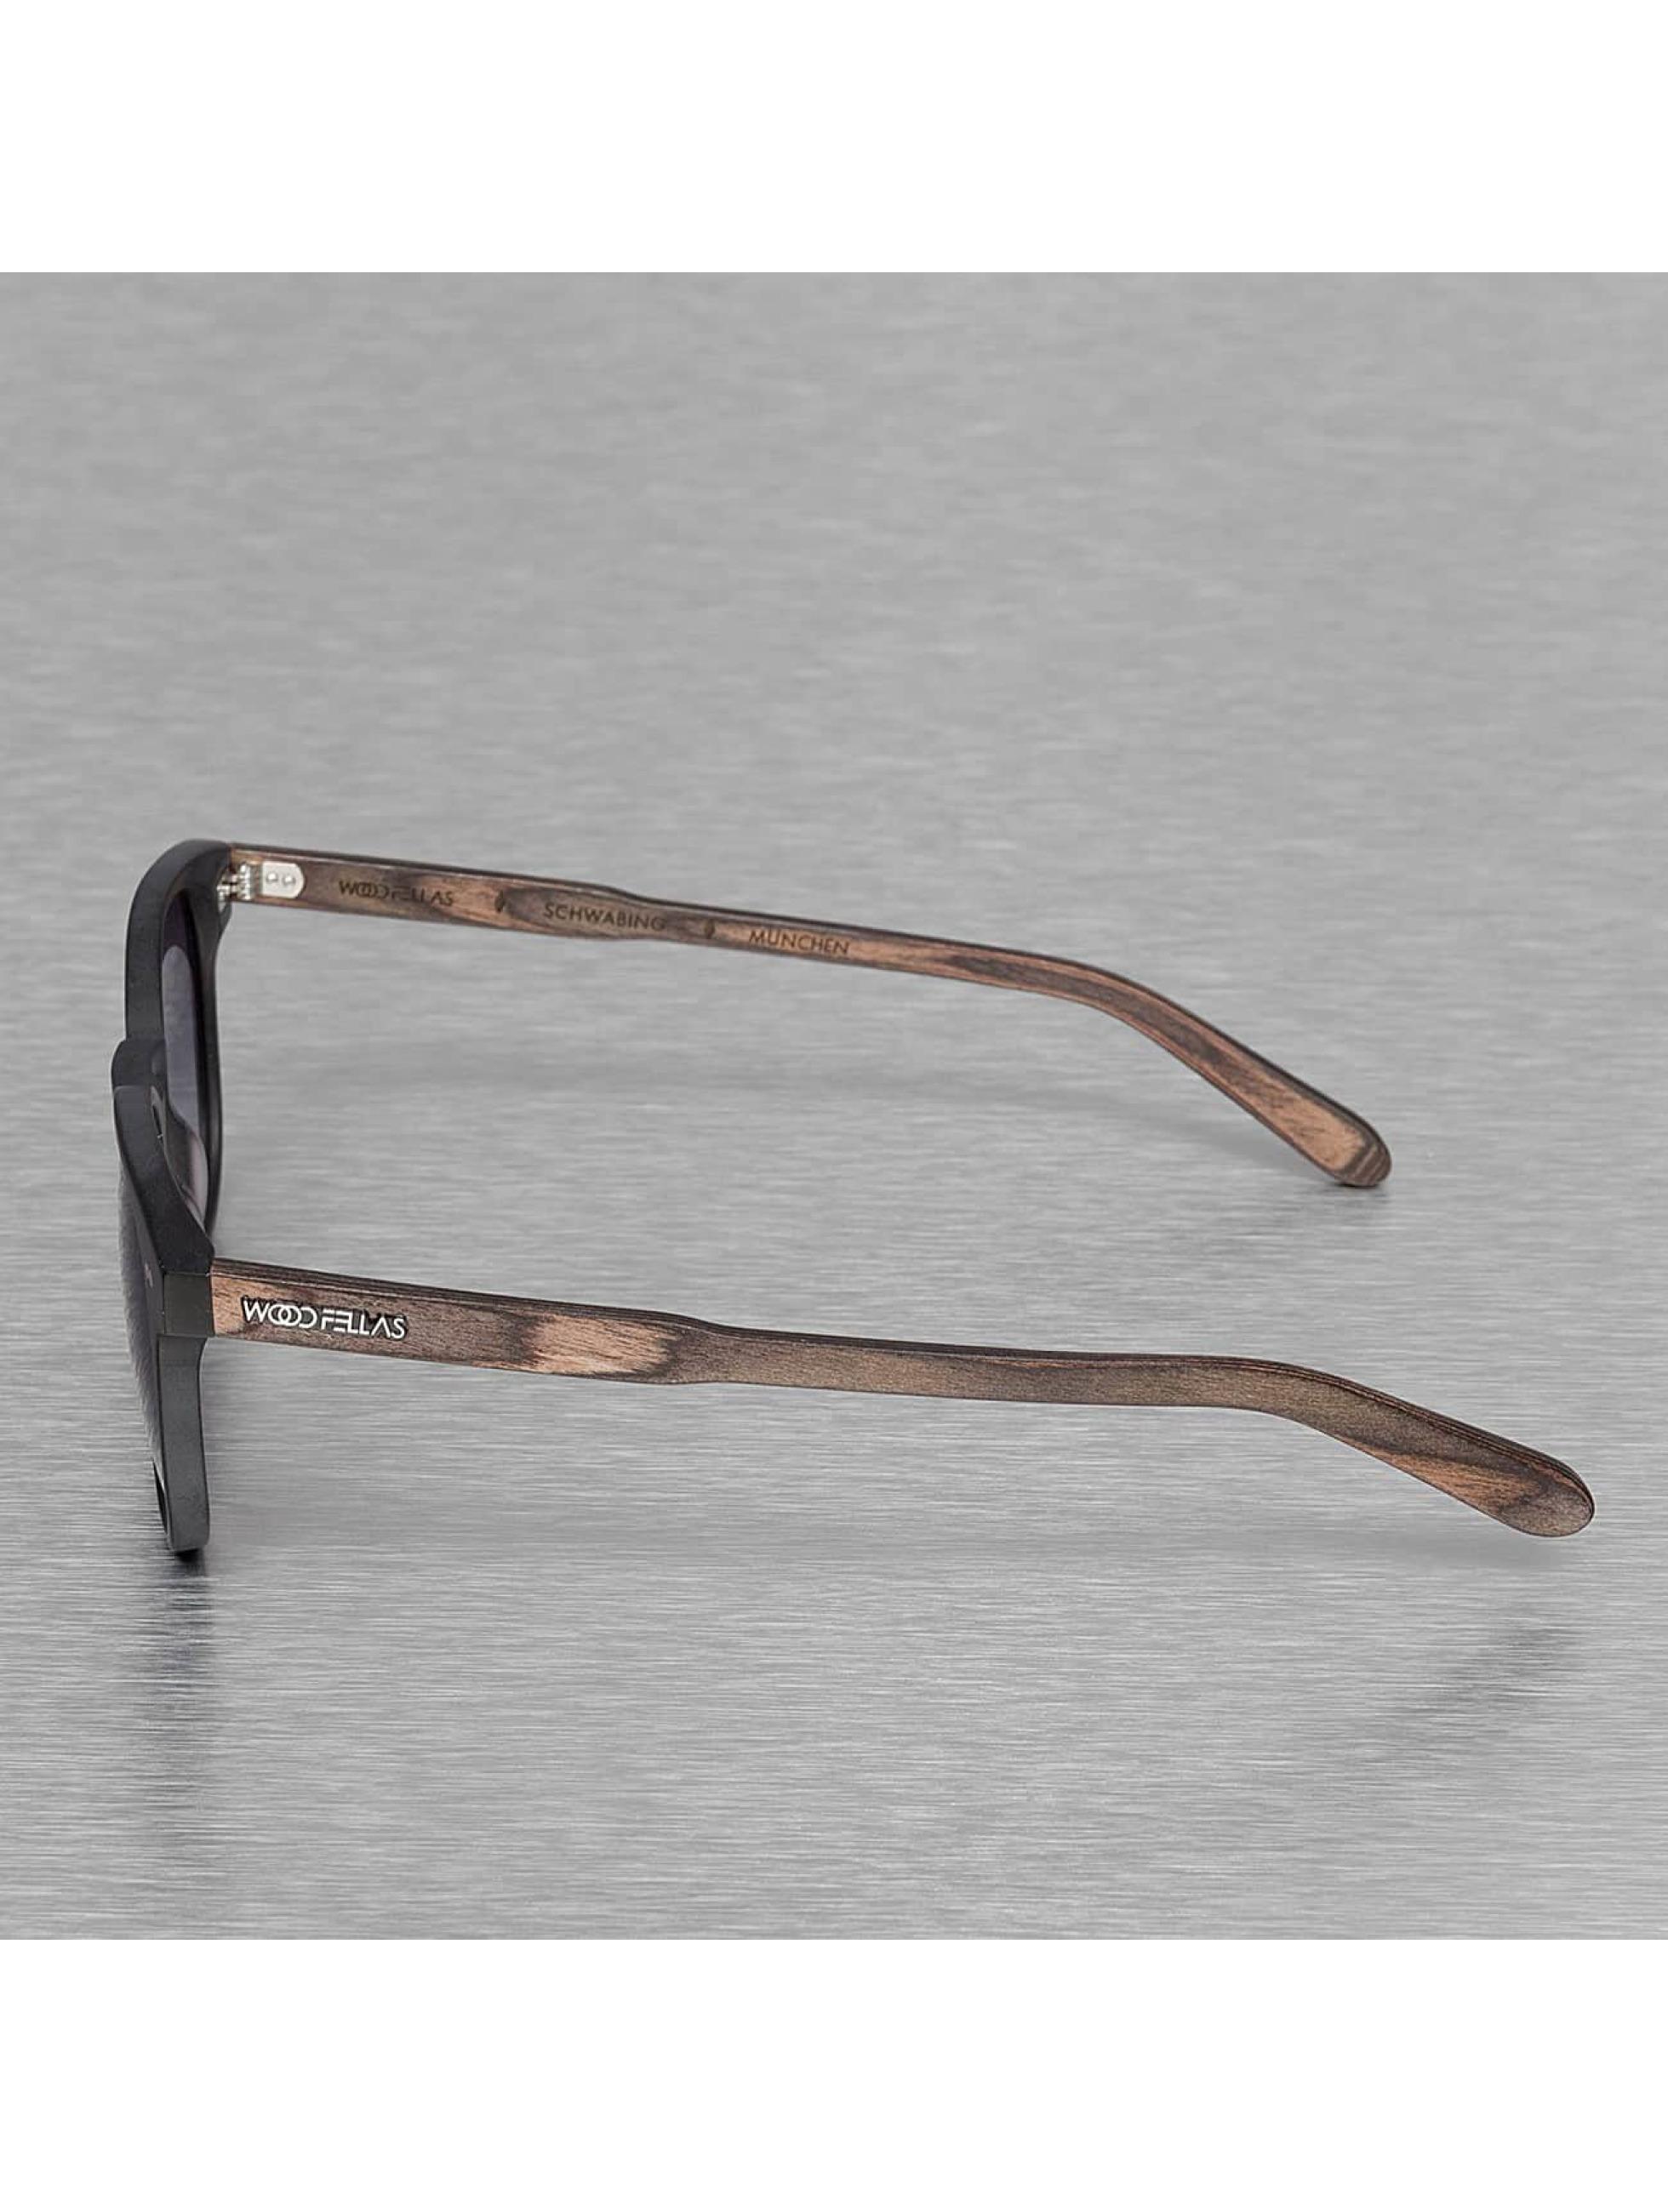 Wood Fellas Eyewear Lunettes de soleil Eyewear Schwabing Polarized Mirror noir